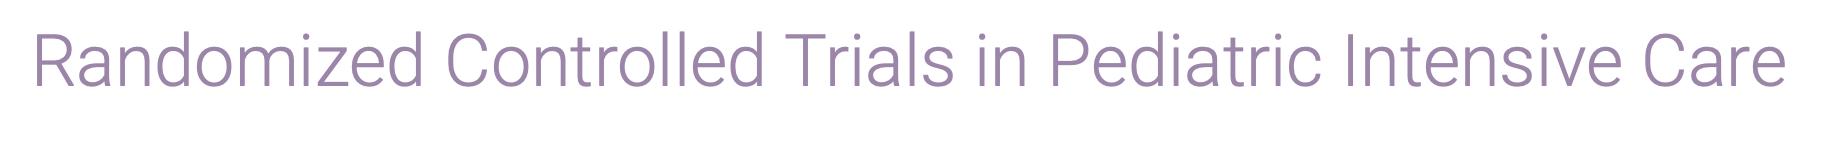 PICU Trials